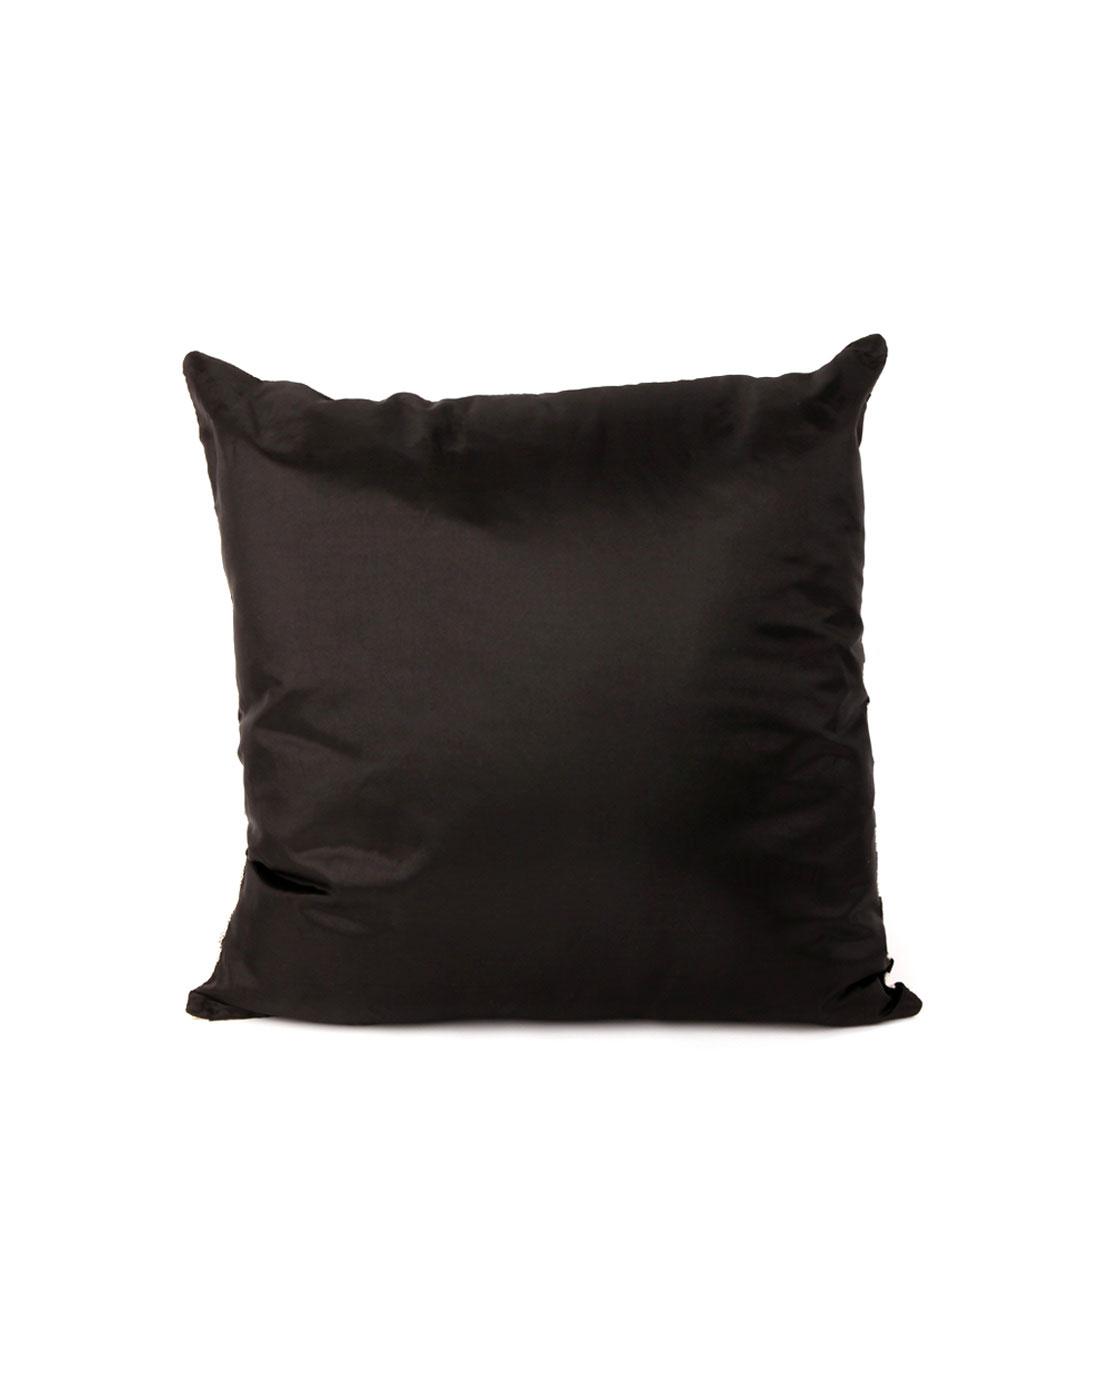 毛线黑白图抱枕-毛线黑白图图片